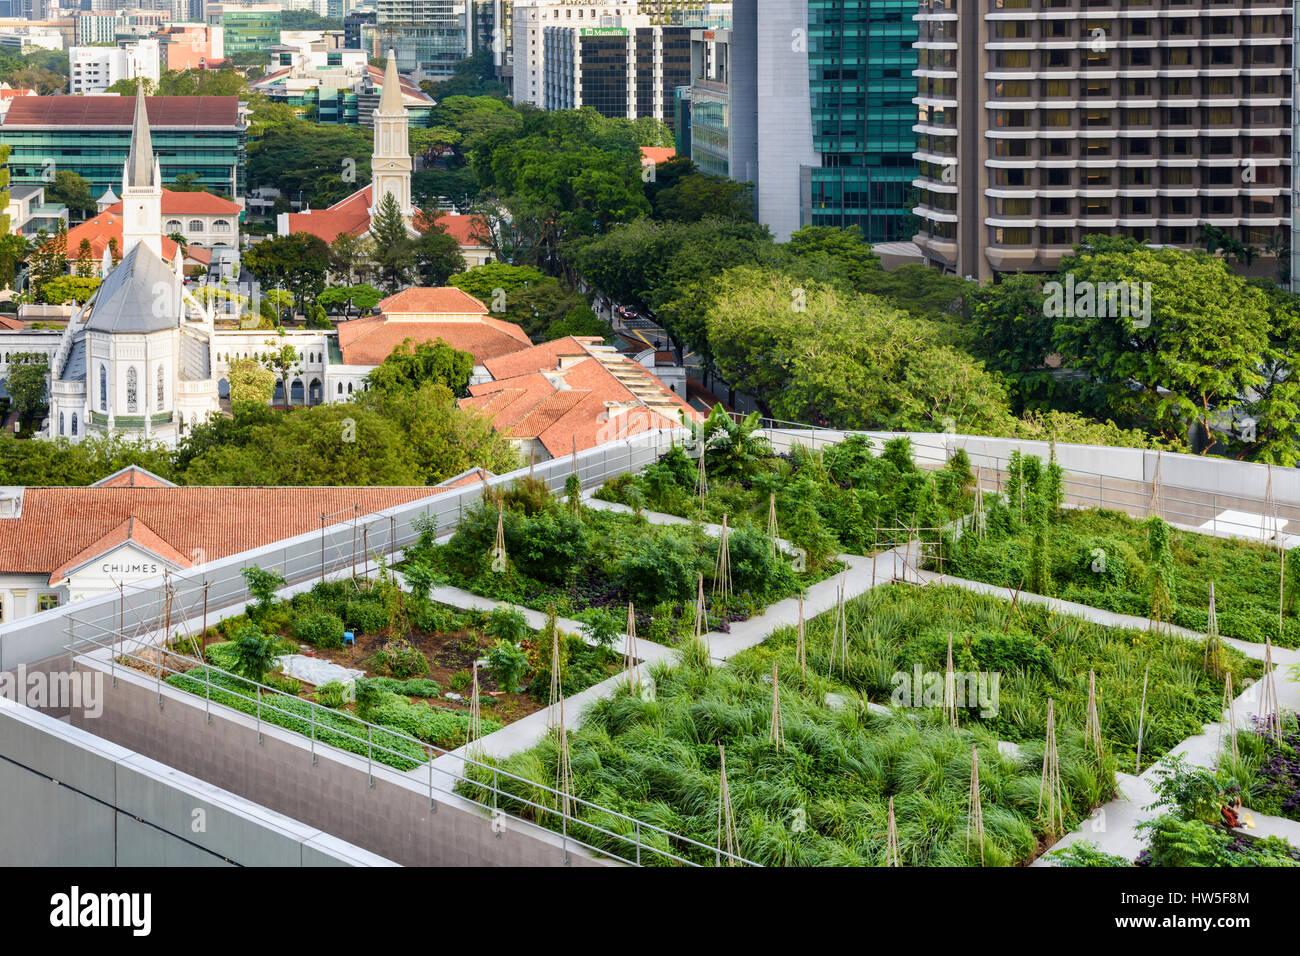 Jardín en la azotea en el Raffles City Shopping Centre, Singapur Imagen De Stock